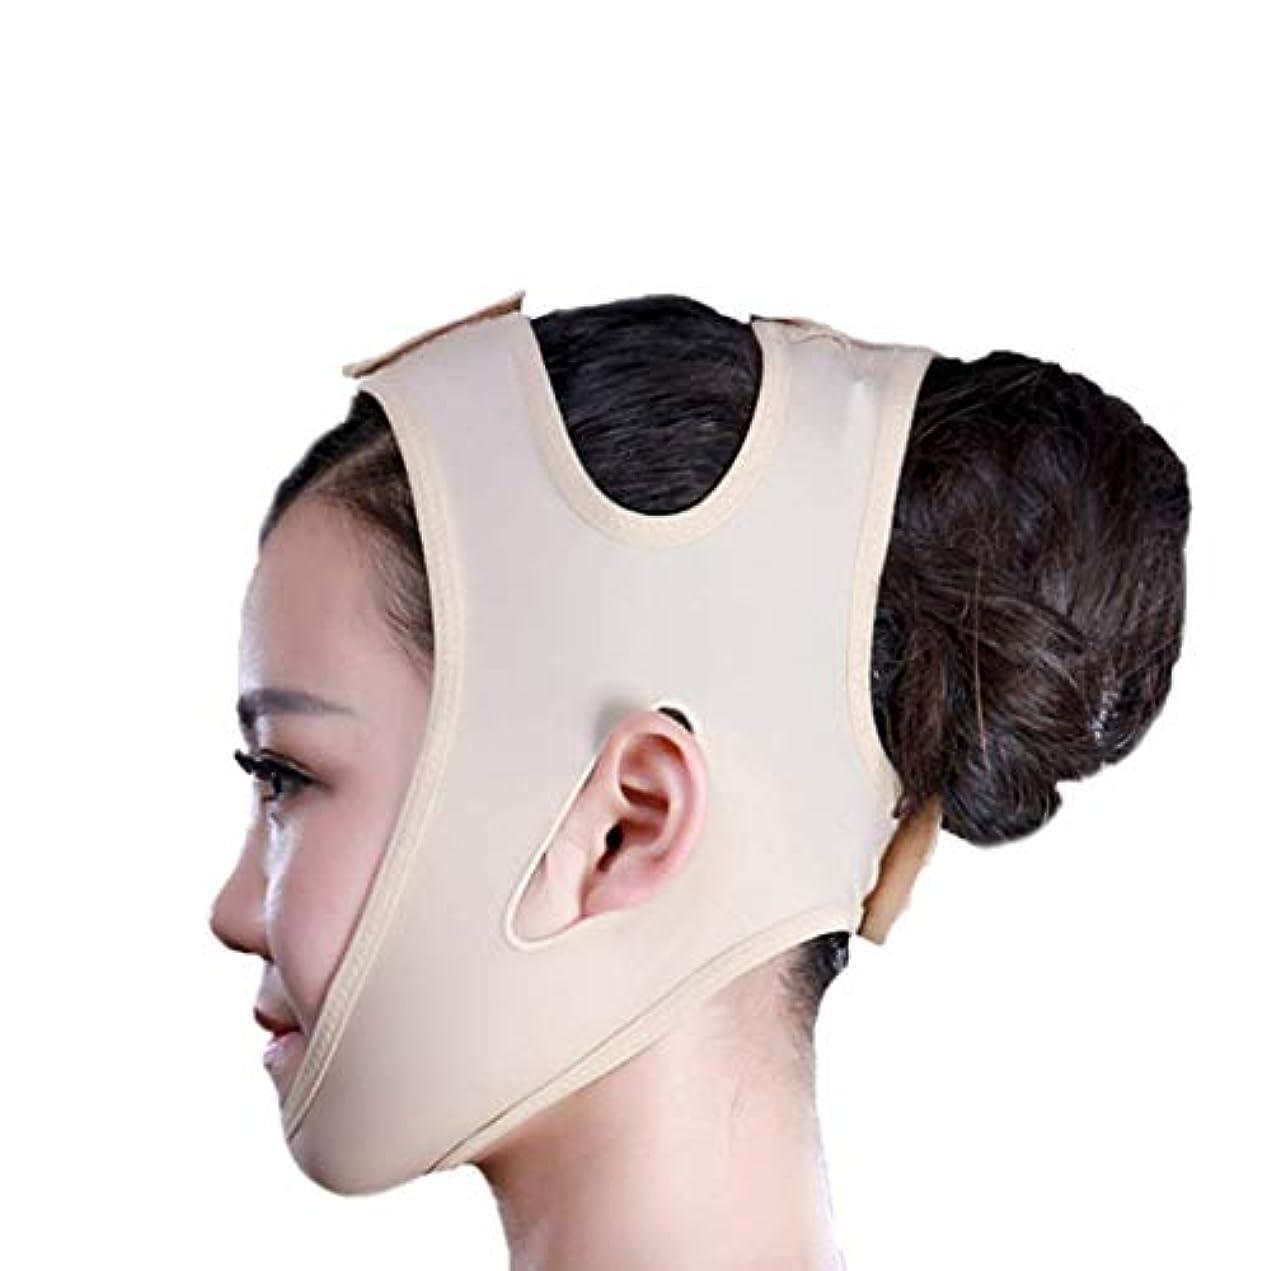 ペット発生一掃するフェイススリミングマスク、快適さと通気性、フェイシャルリフティング、輪郭の改善された硬さ、ファーミングとリフティングフェイス(カラー:ブラック、サイズ:XL),黄色がかったピンク、XXL